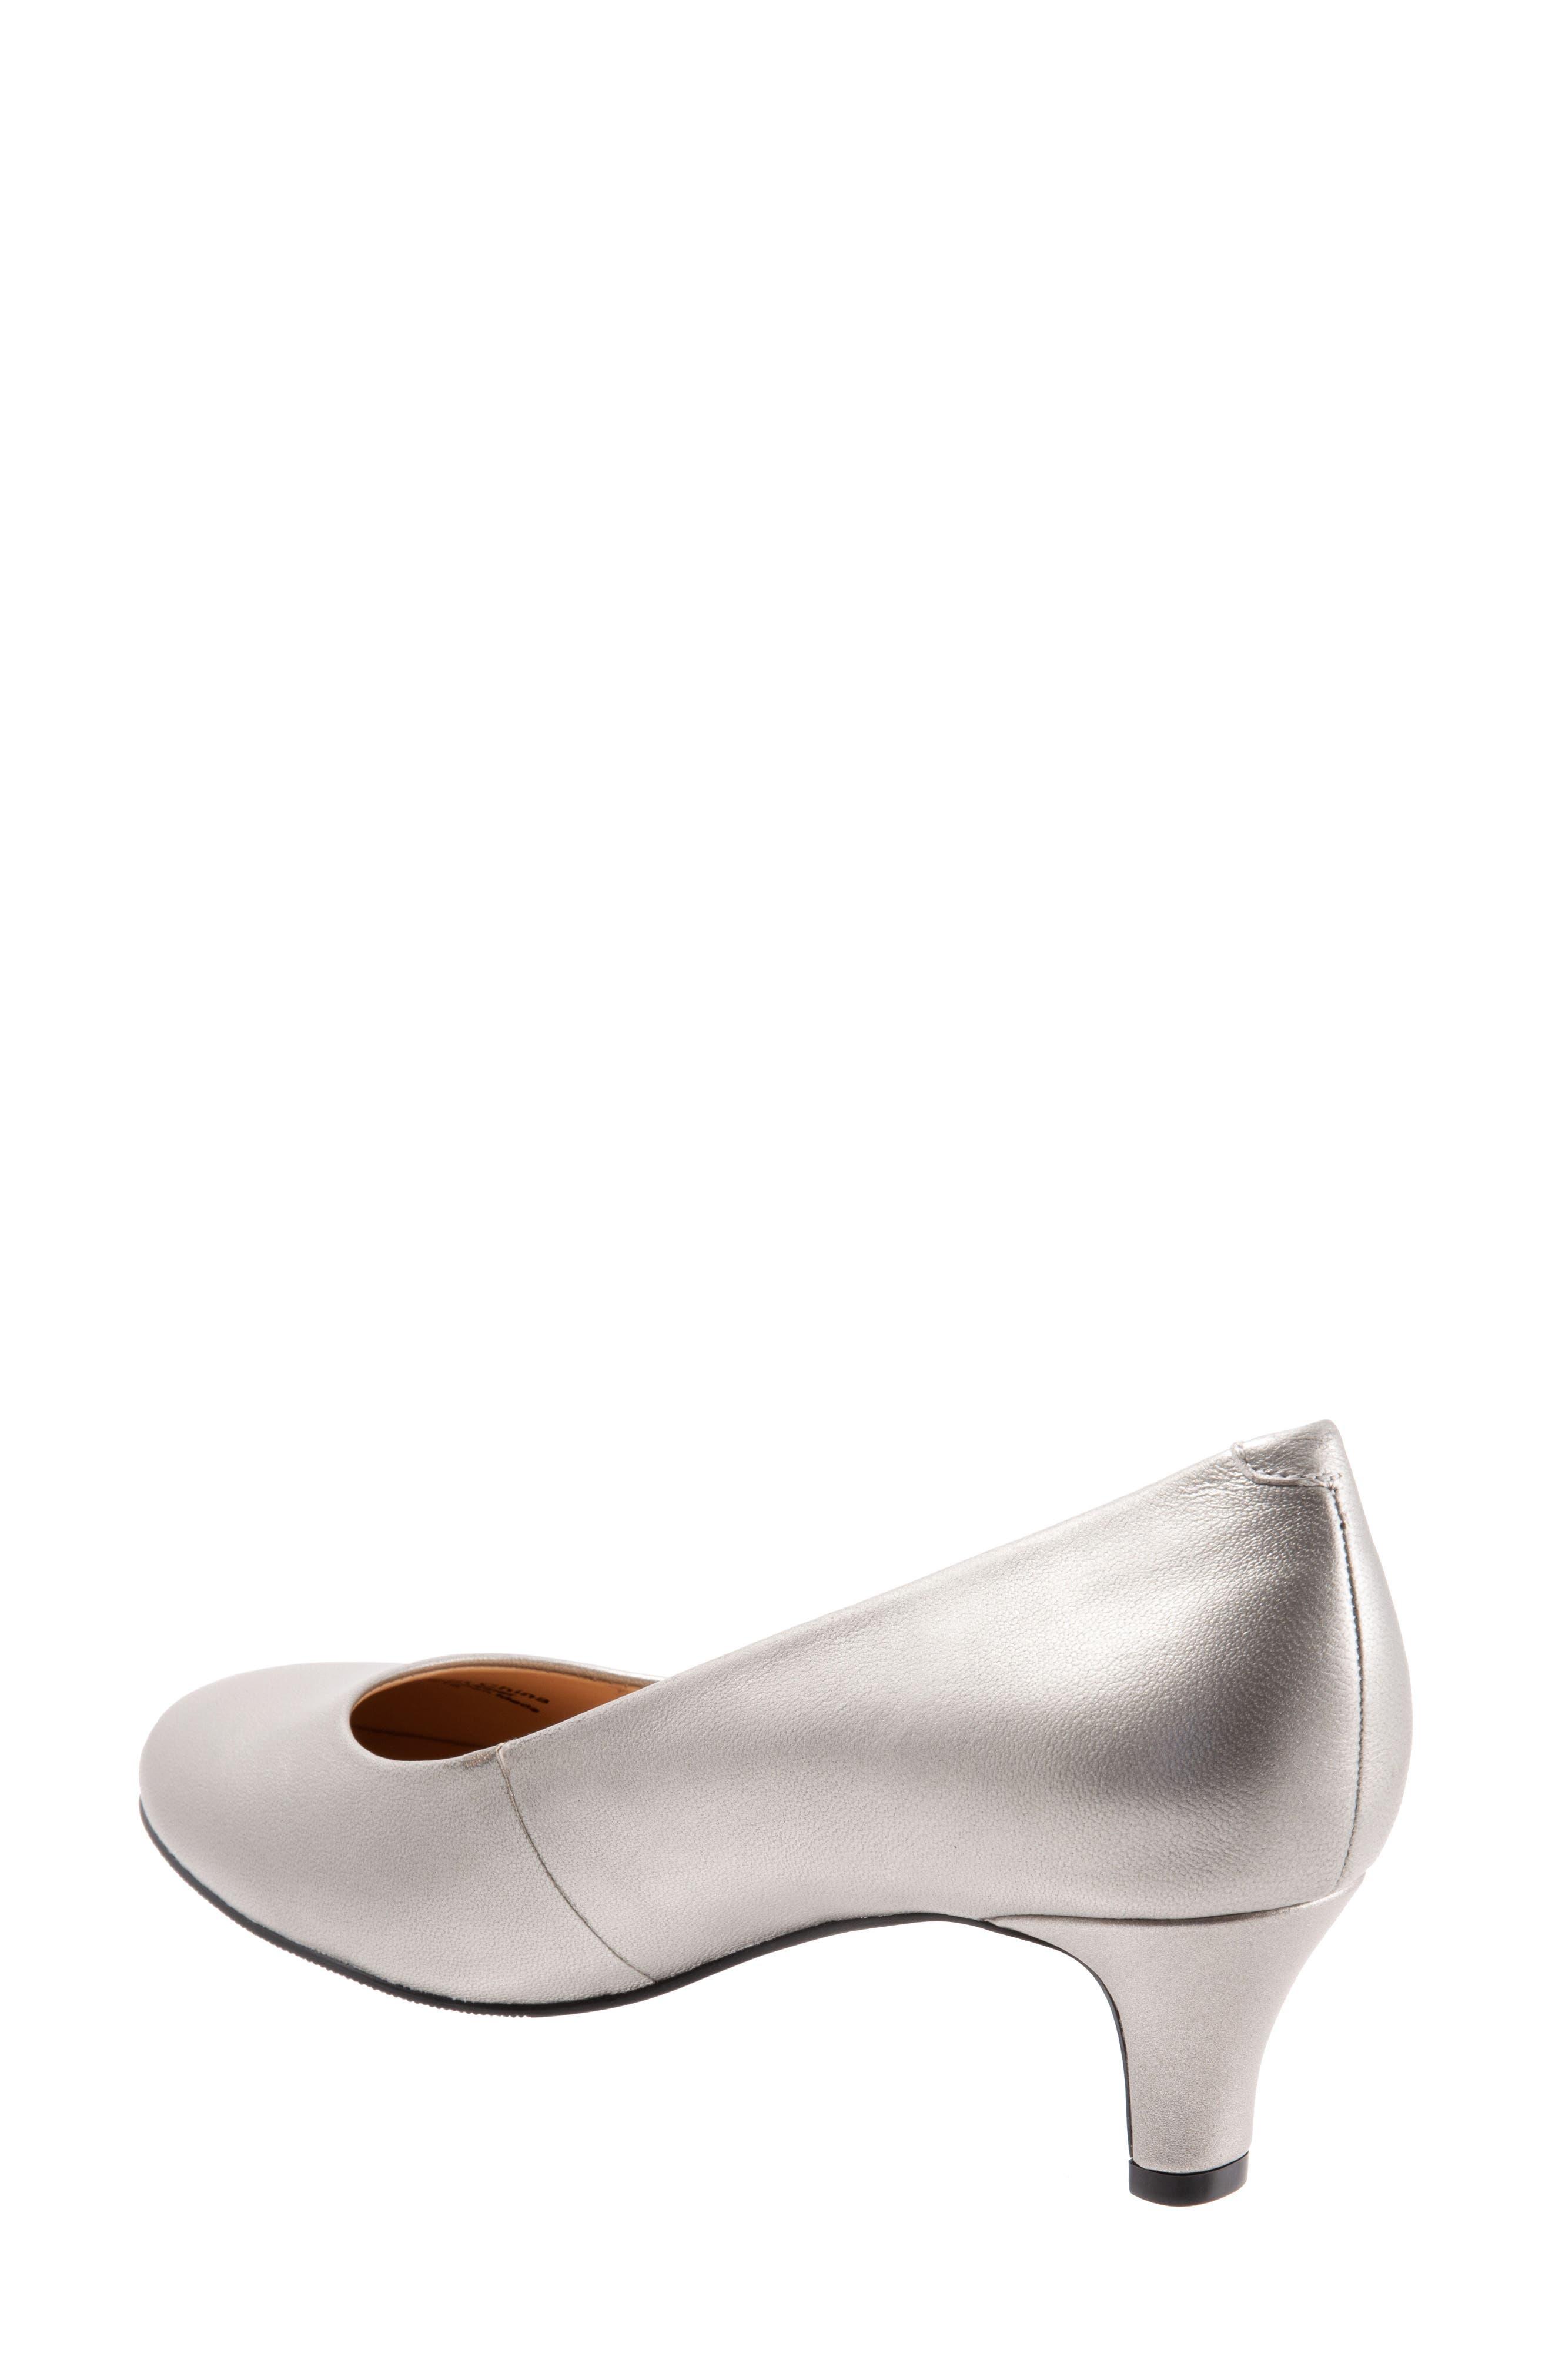 e5d094d3f4965 Women's Pumps Trotters Shoes | Nordstrom